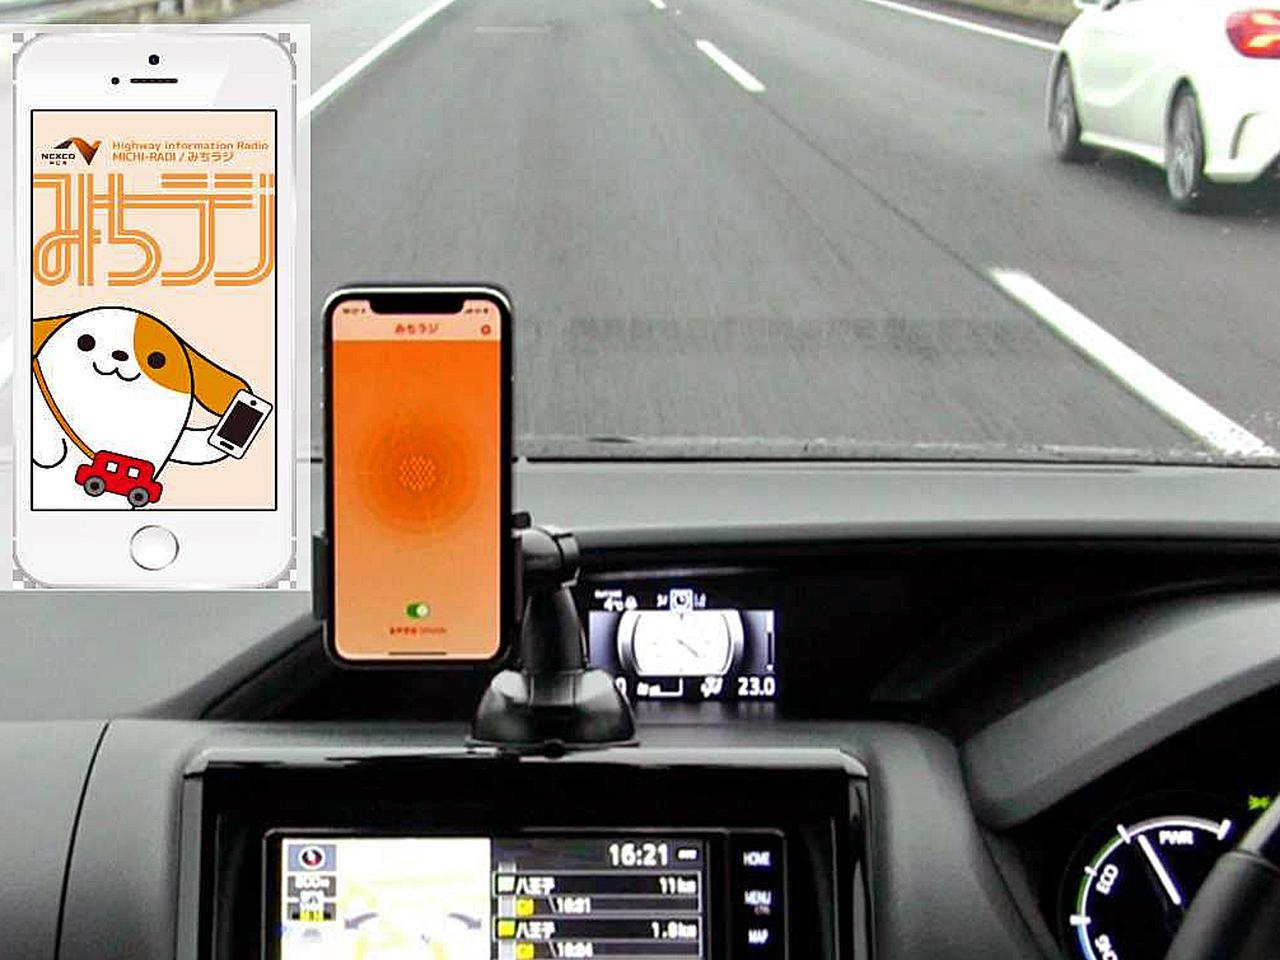 【高速道路情報】スマホアプリ「みちラジ」でハイウェイラジオの交通情報を配信。静岡、山梨、長野方面に範囲拡大